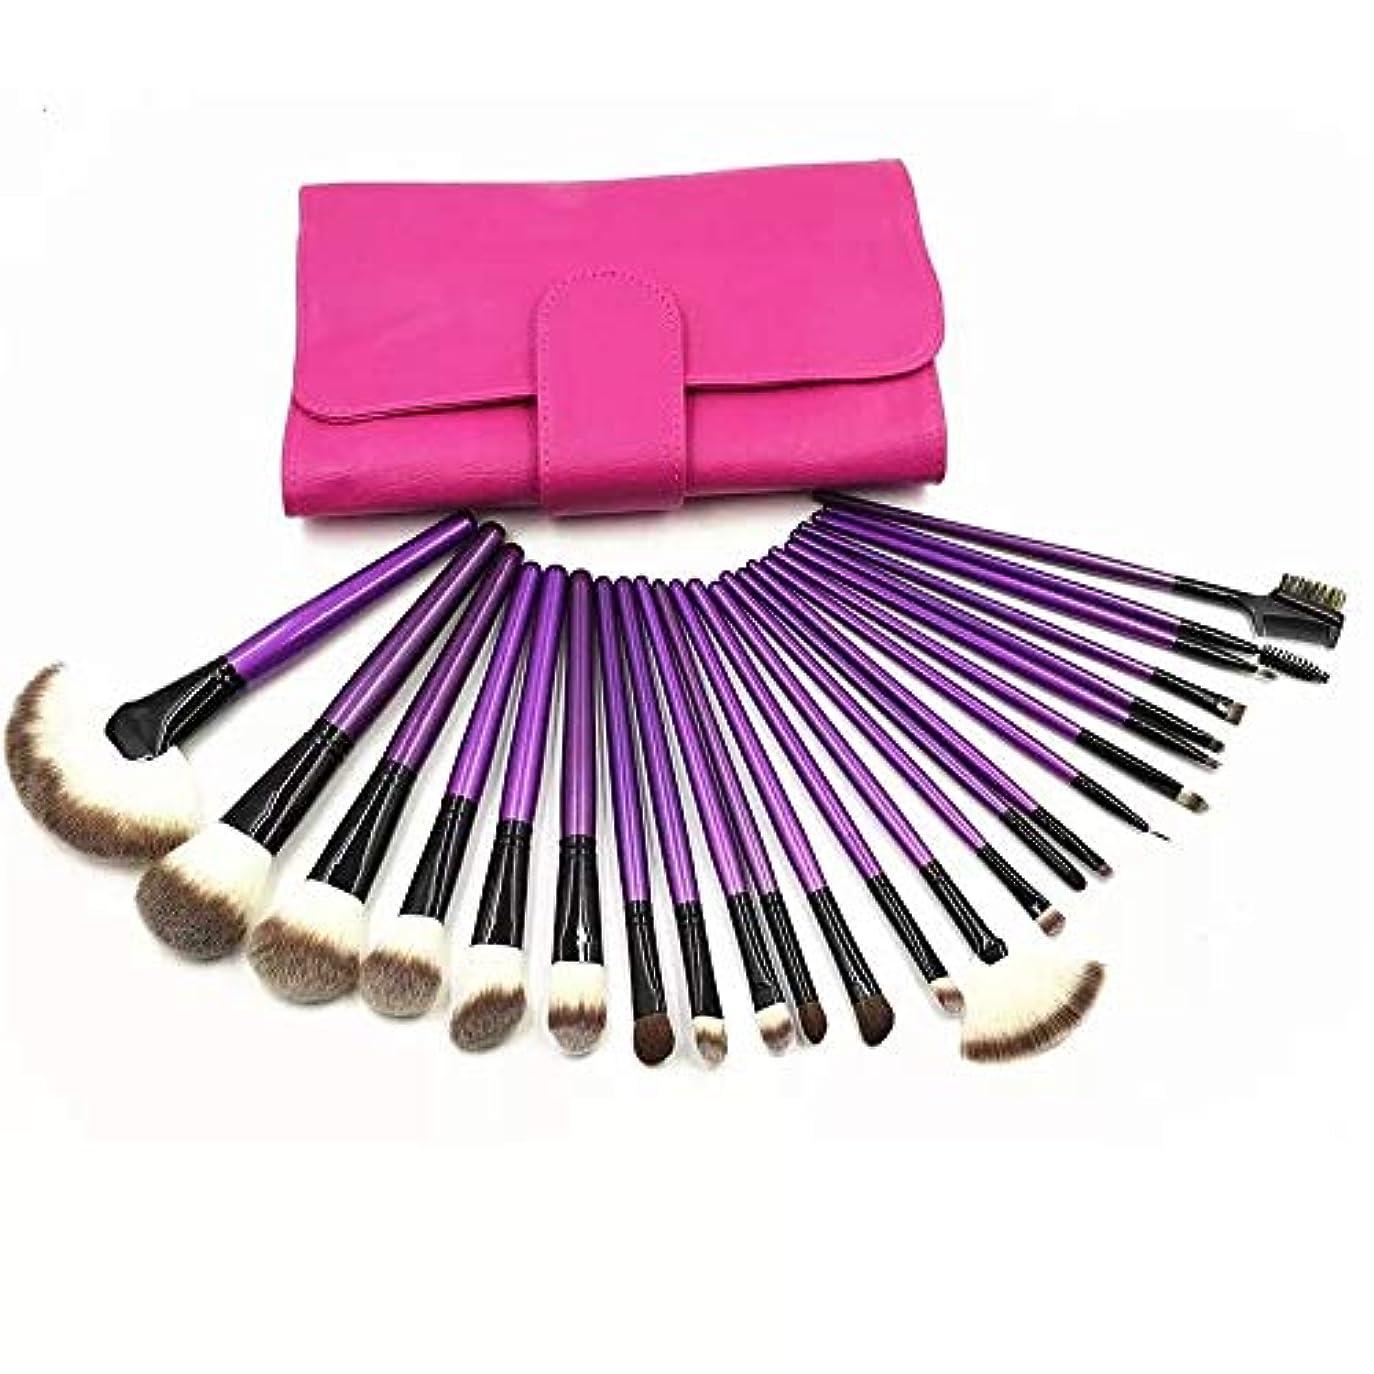 邪魔する過剰面Makeup brushes 多様性に富んだ完璧な使用、あなたの必要性を許すために保護袖が付いている24の専門の構造のブラシの場所 suits (Color : Purple)